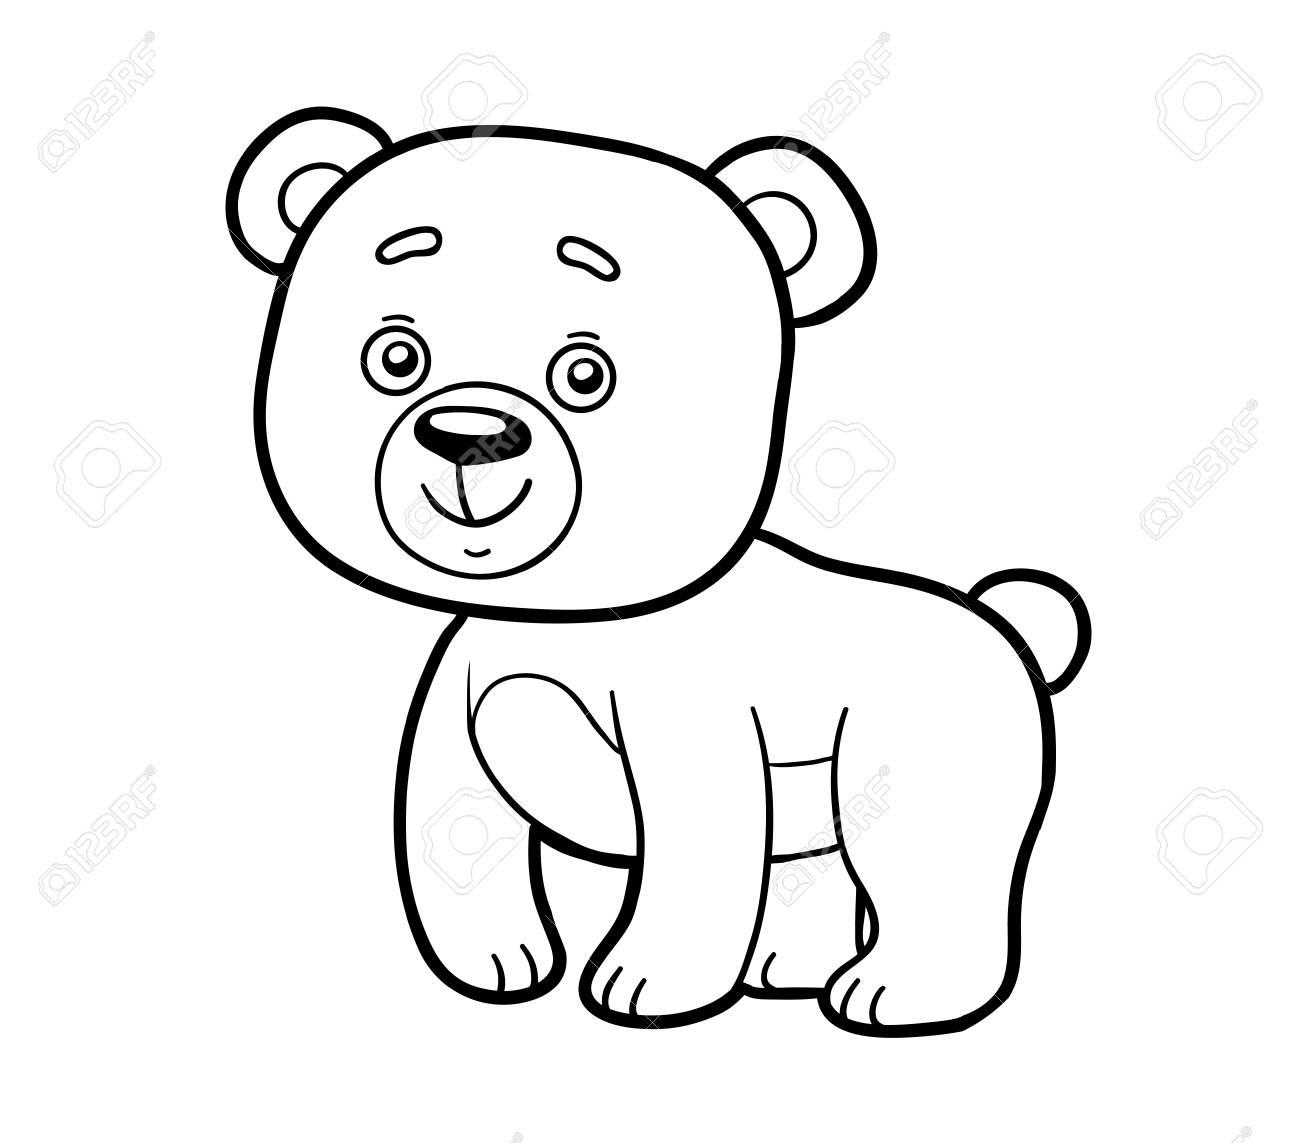 Hermosa Colorear Oso Bosquejo - Dibujos de Animales para Colorear ...